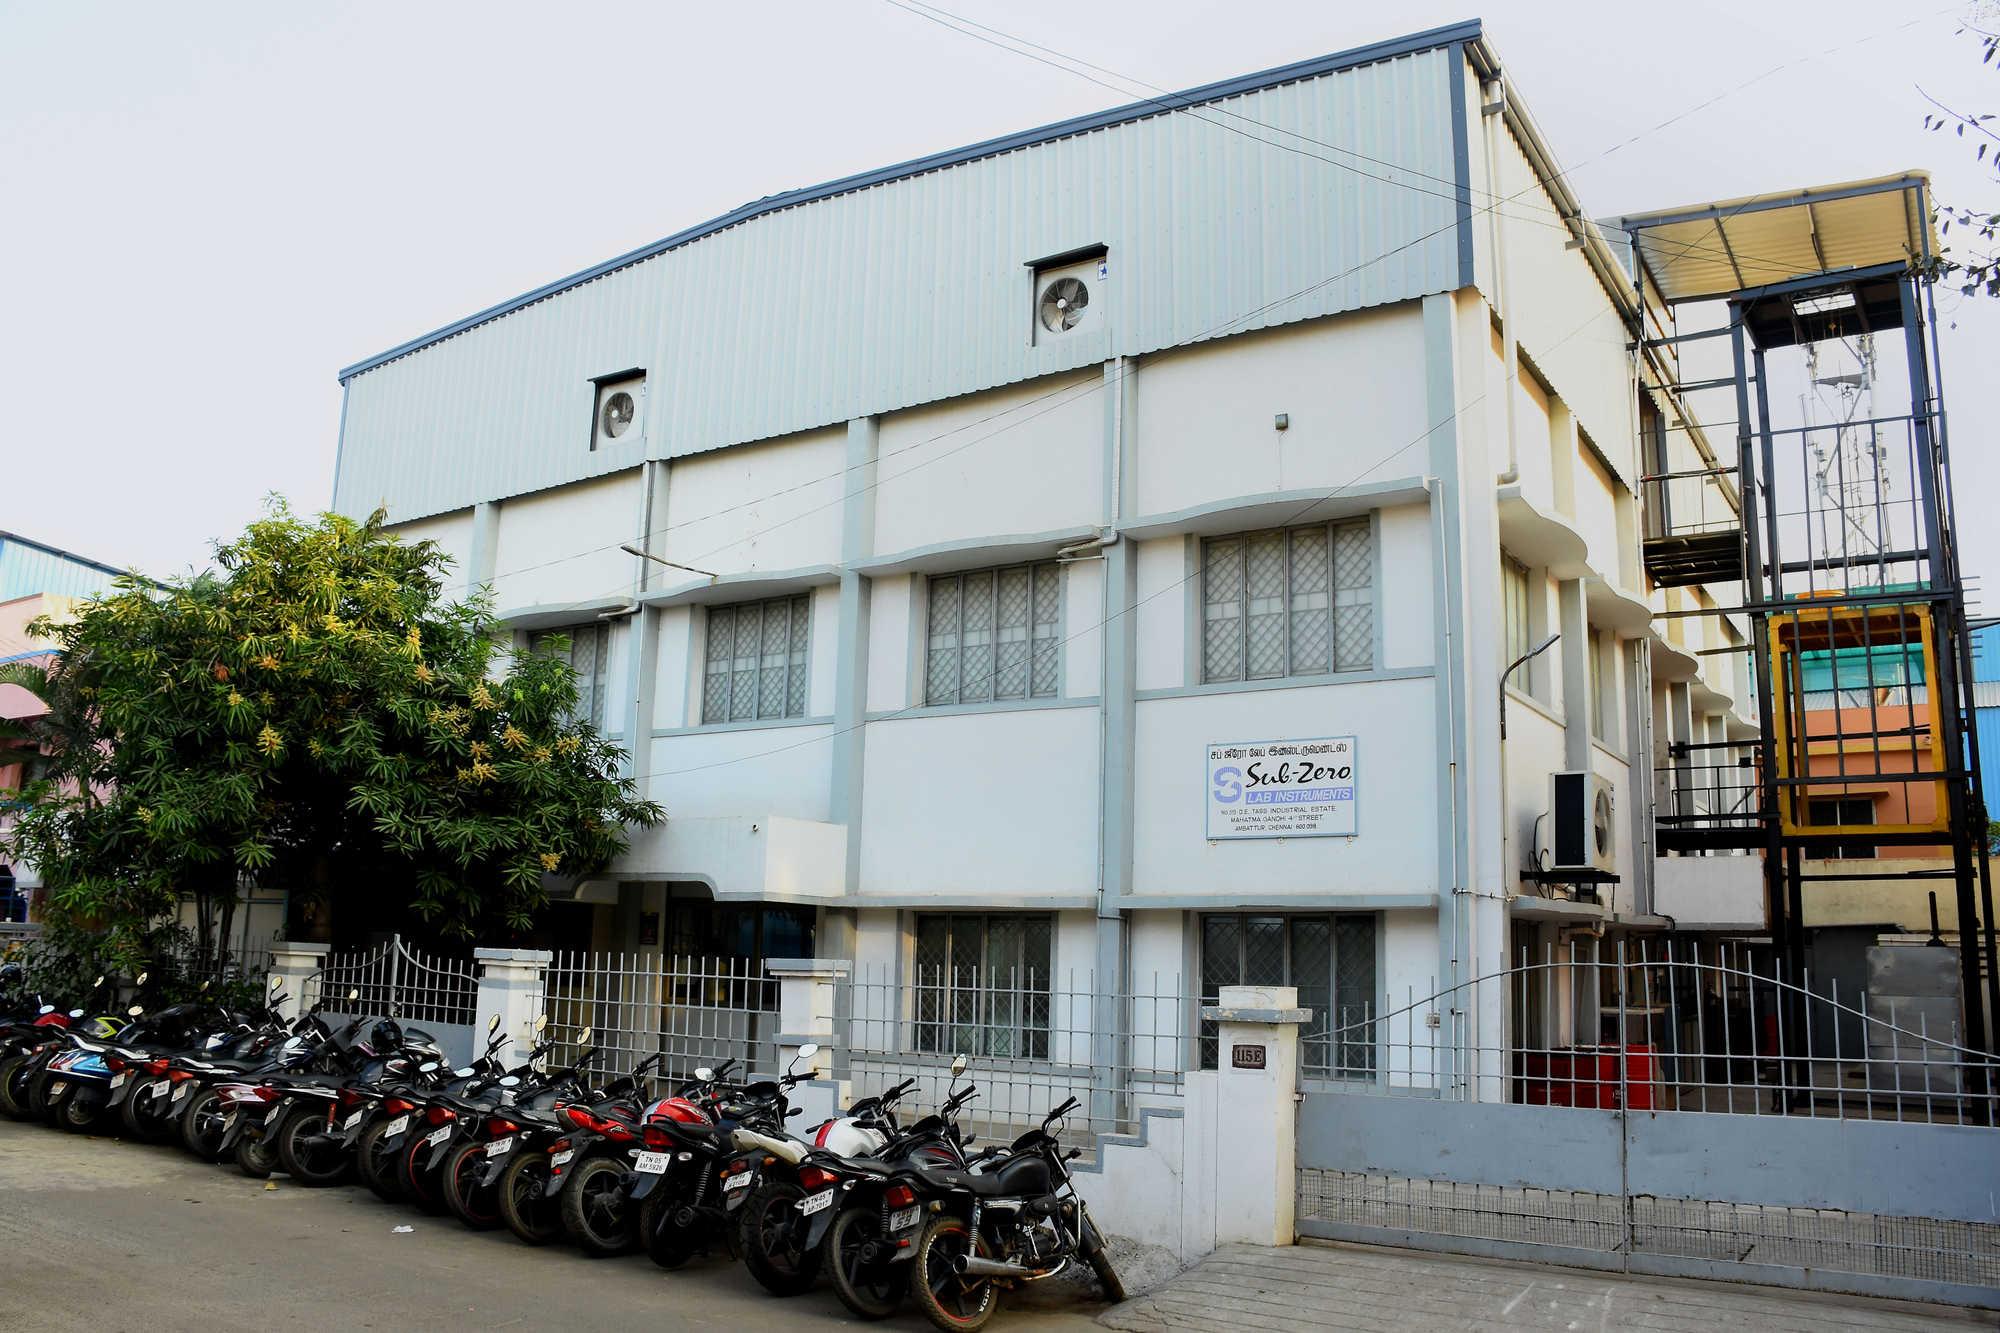 Top Vertical Deep Freezer Manufacturers in Aghoria Bazaar